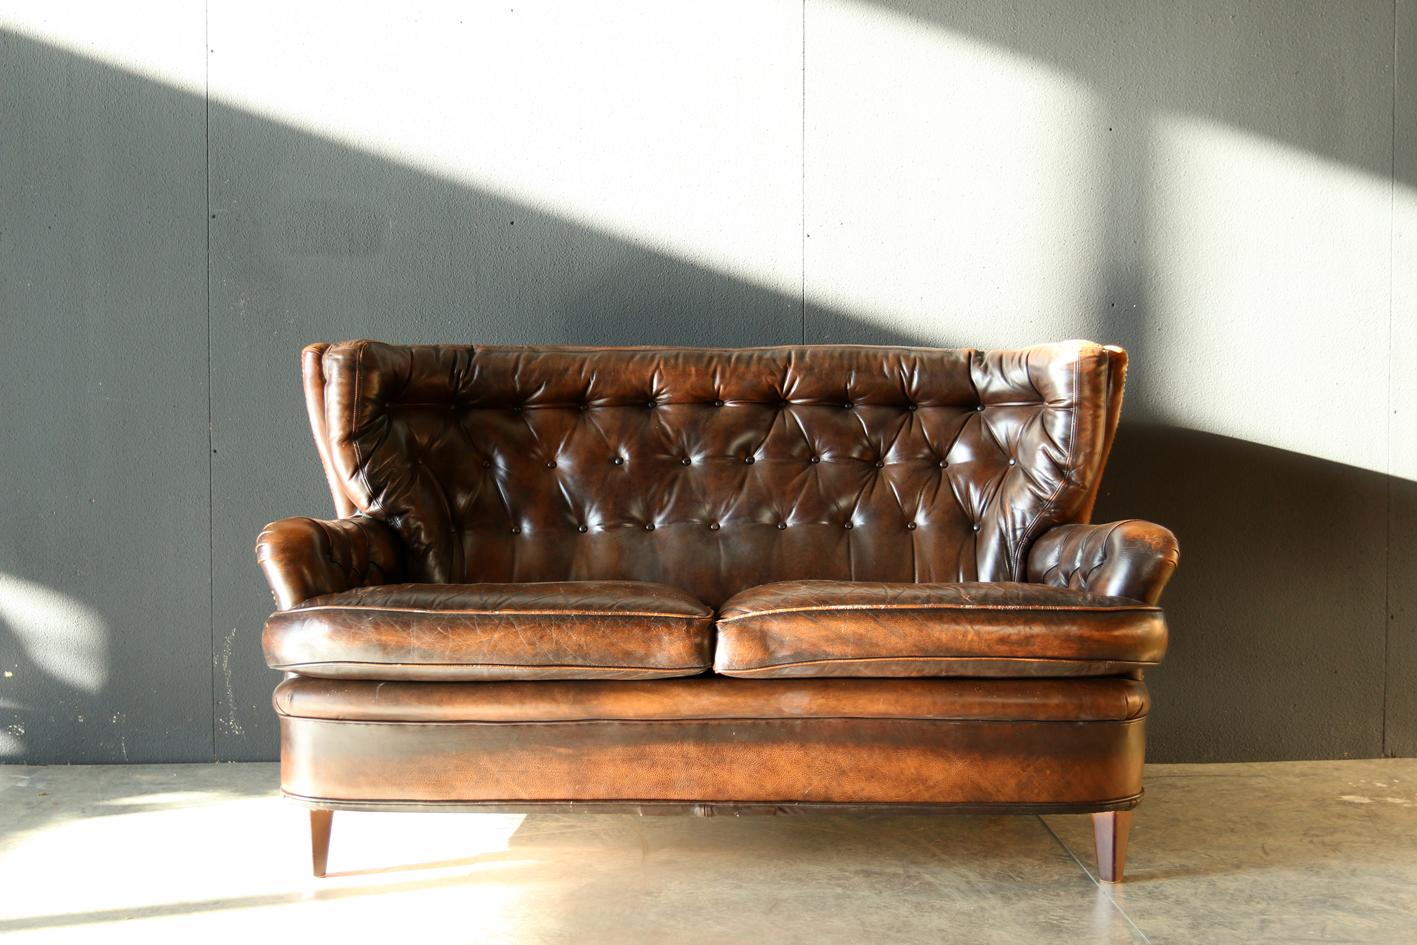 Retro Leren Bank.Retro Vintage Leren Chesterfield Supervorm Bank Jaren 60